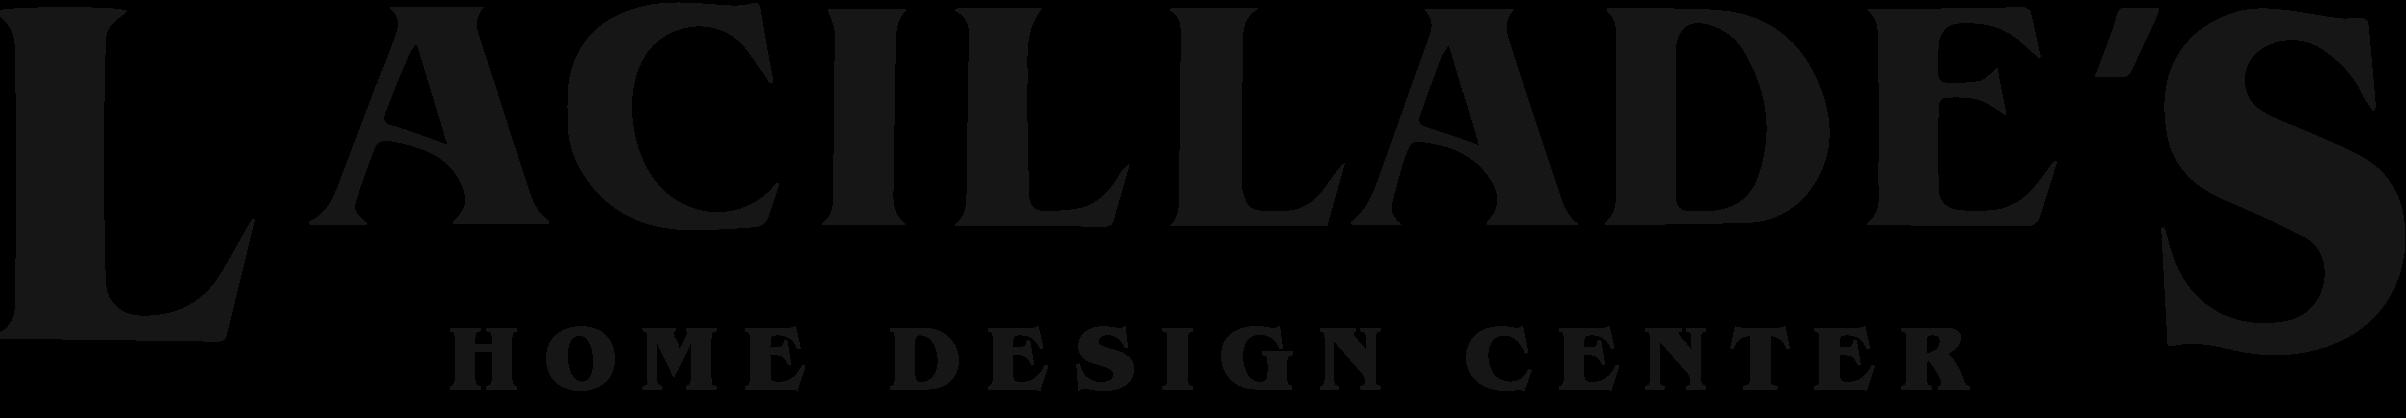 Lacillade Logo